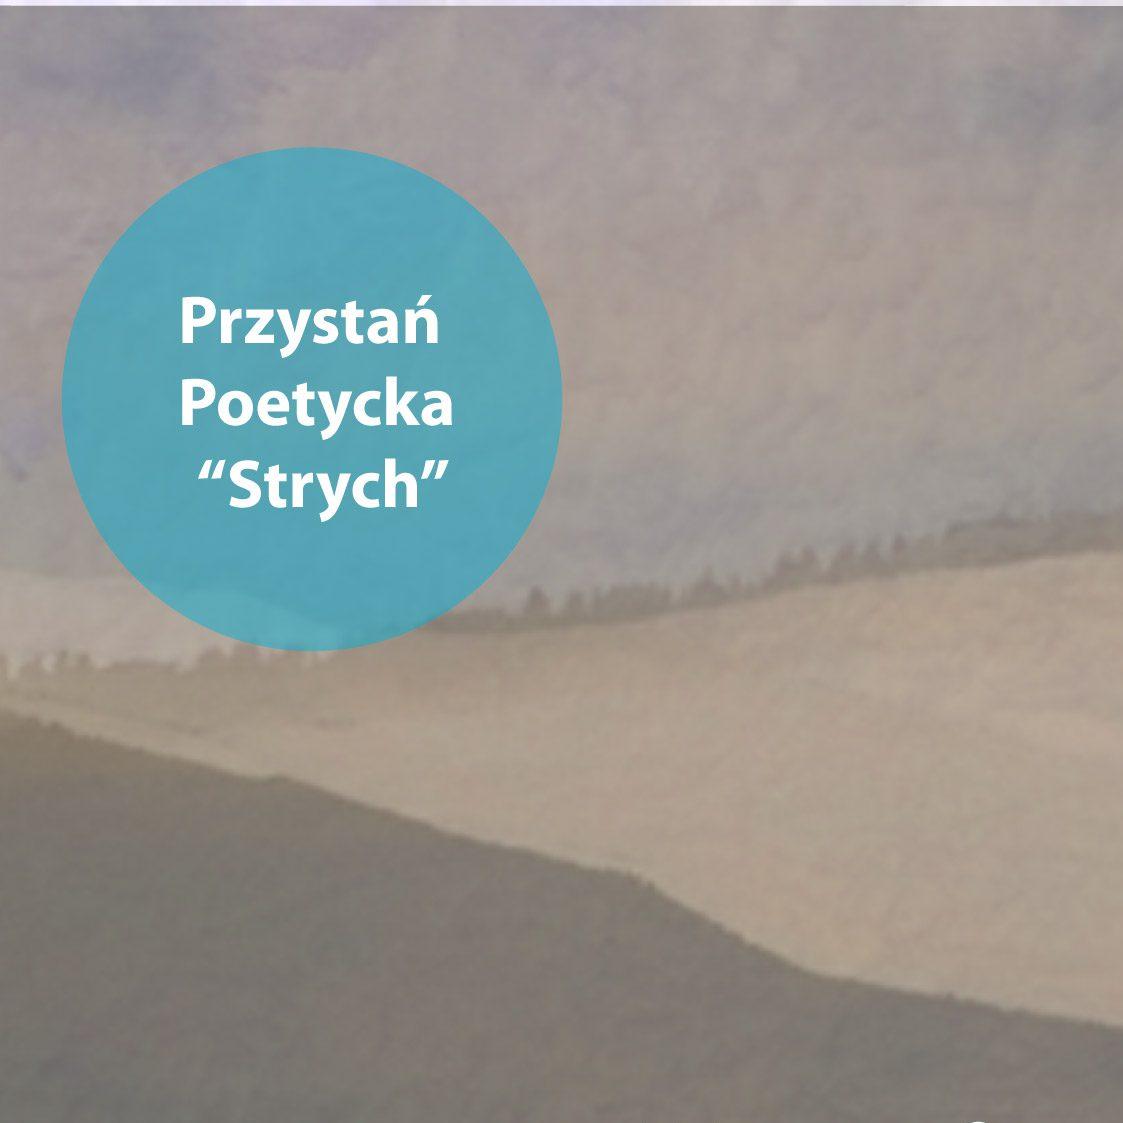 """Przystań Poetycka """"Strych"""" – Kasia Szweda"""